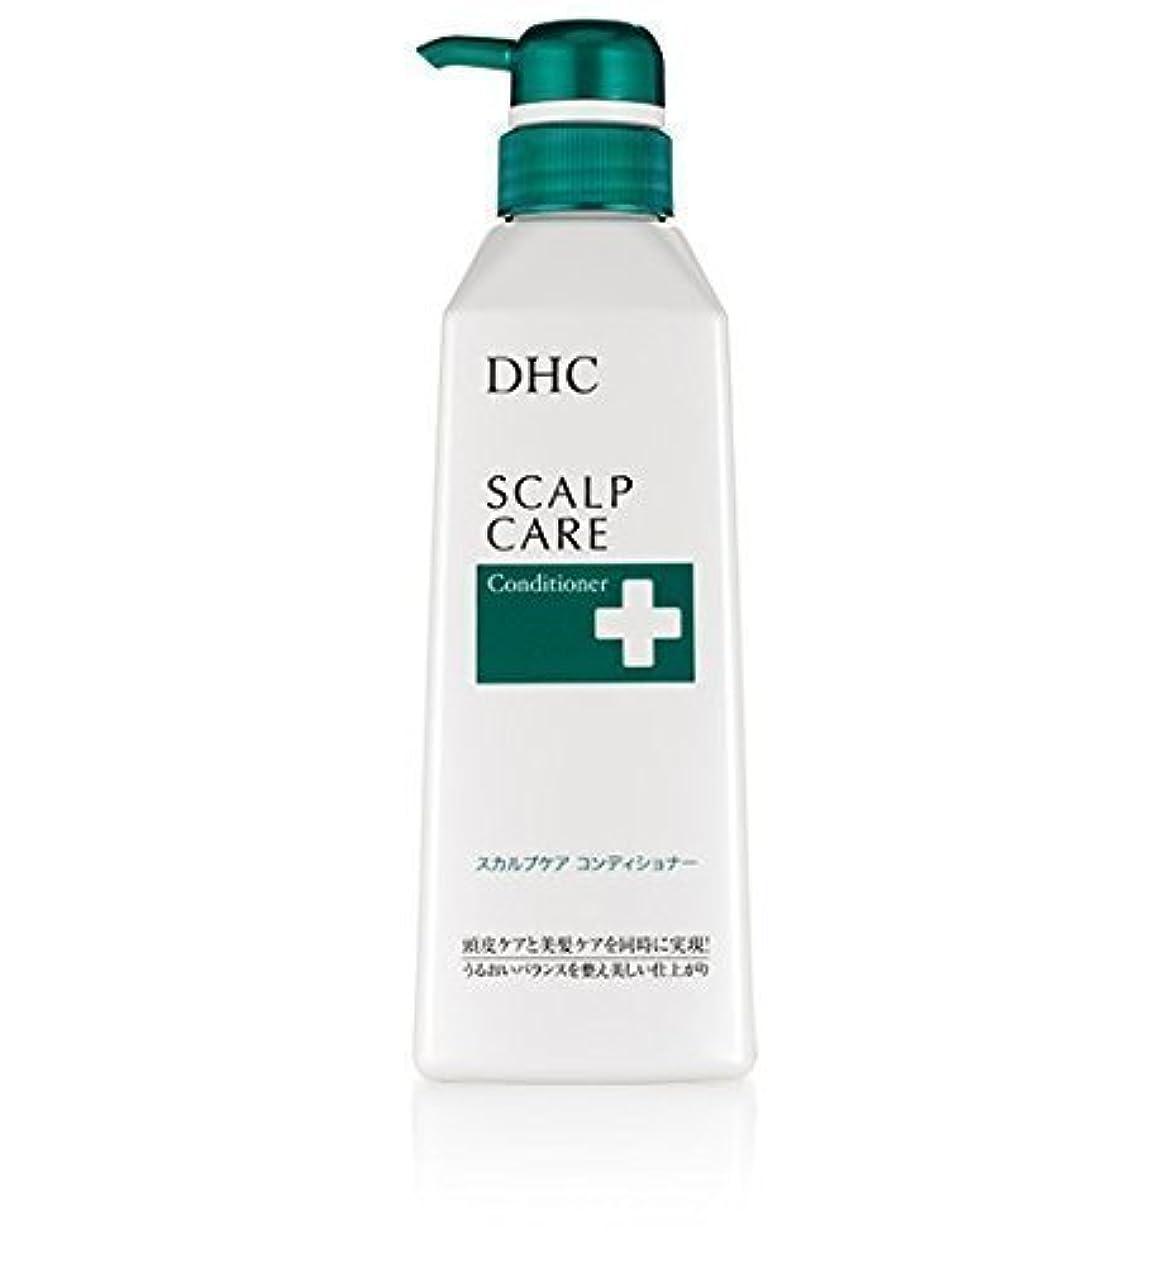 値する旅くま【医薬部外品】 DHC 美容相談室 DHC 薬用 スカルプケア コンディショナー 550mL